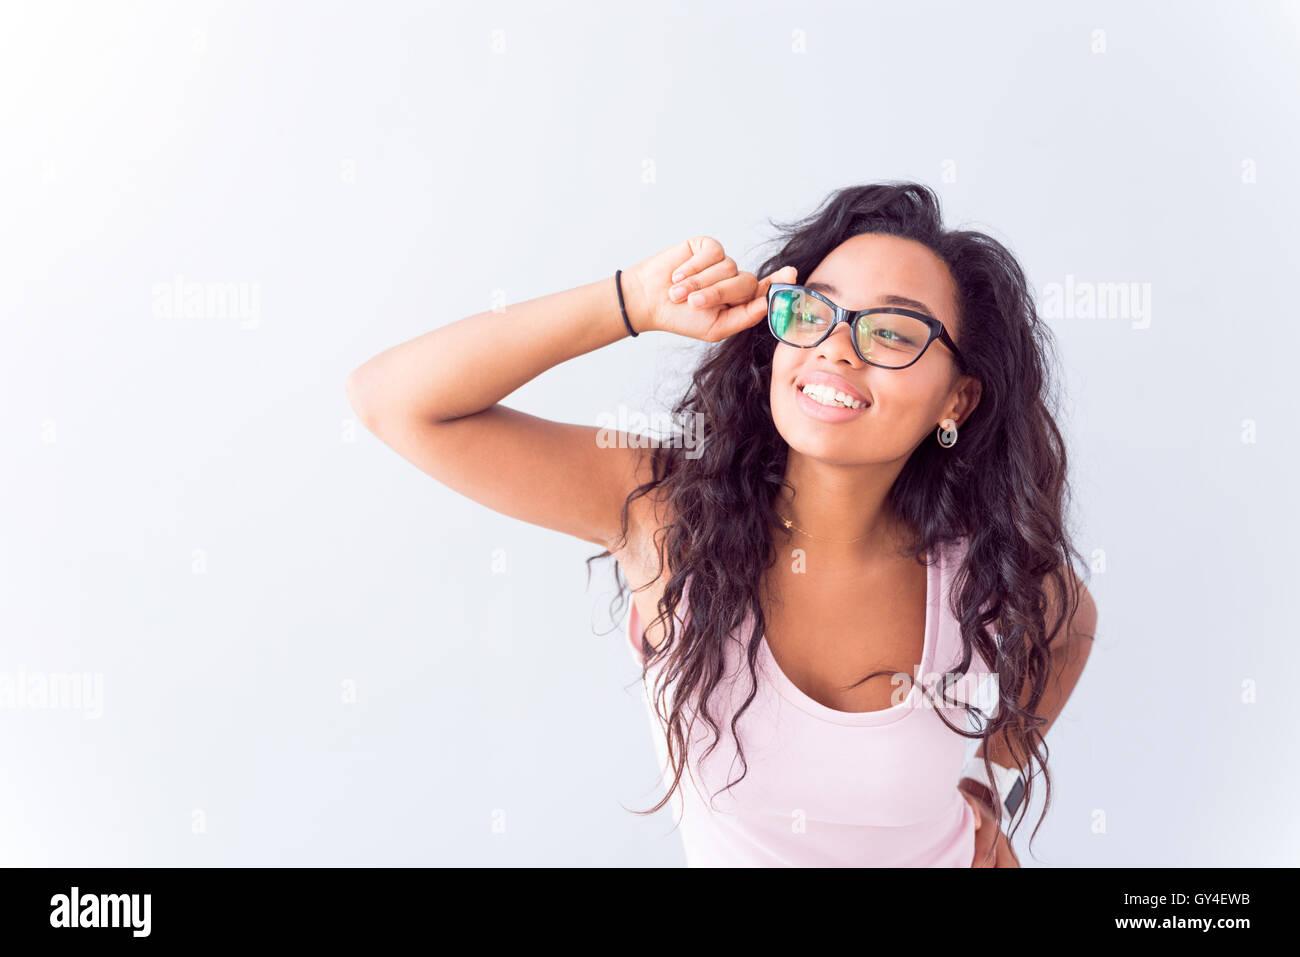 Gioiosa donna che indossa gli occhiali. Immagini Stock